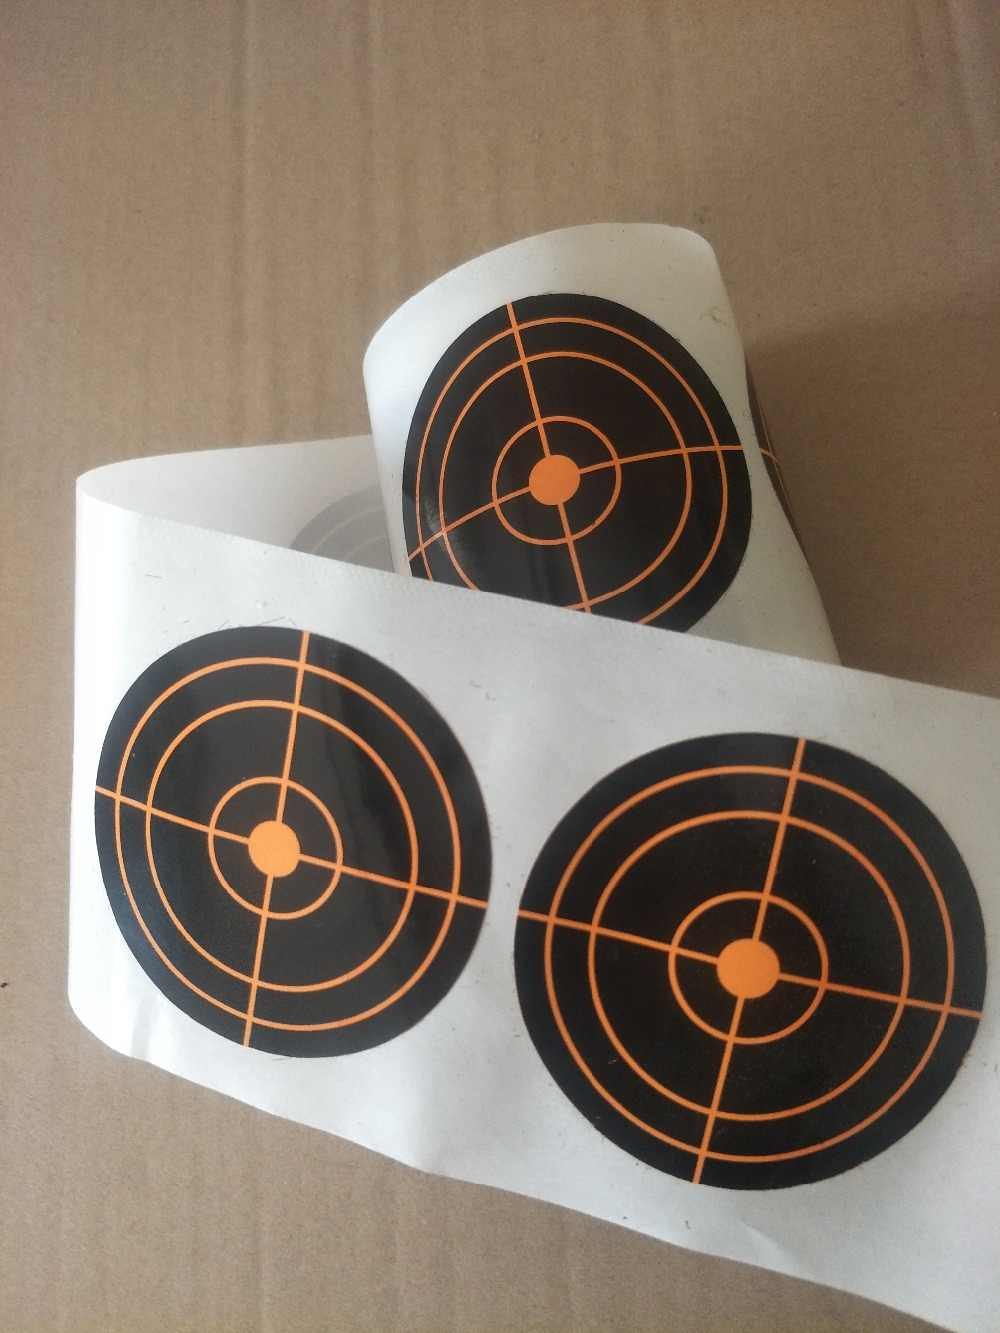 اطلاق النار لاصق الهدف سبلاش رد فعل الهدف ملصق-راجعي ضرب immediately-7.5cm الرماية القوس الصيد الرماية الممارسة